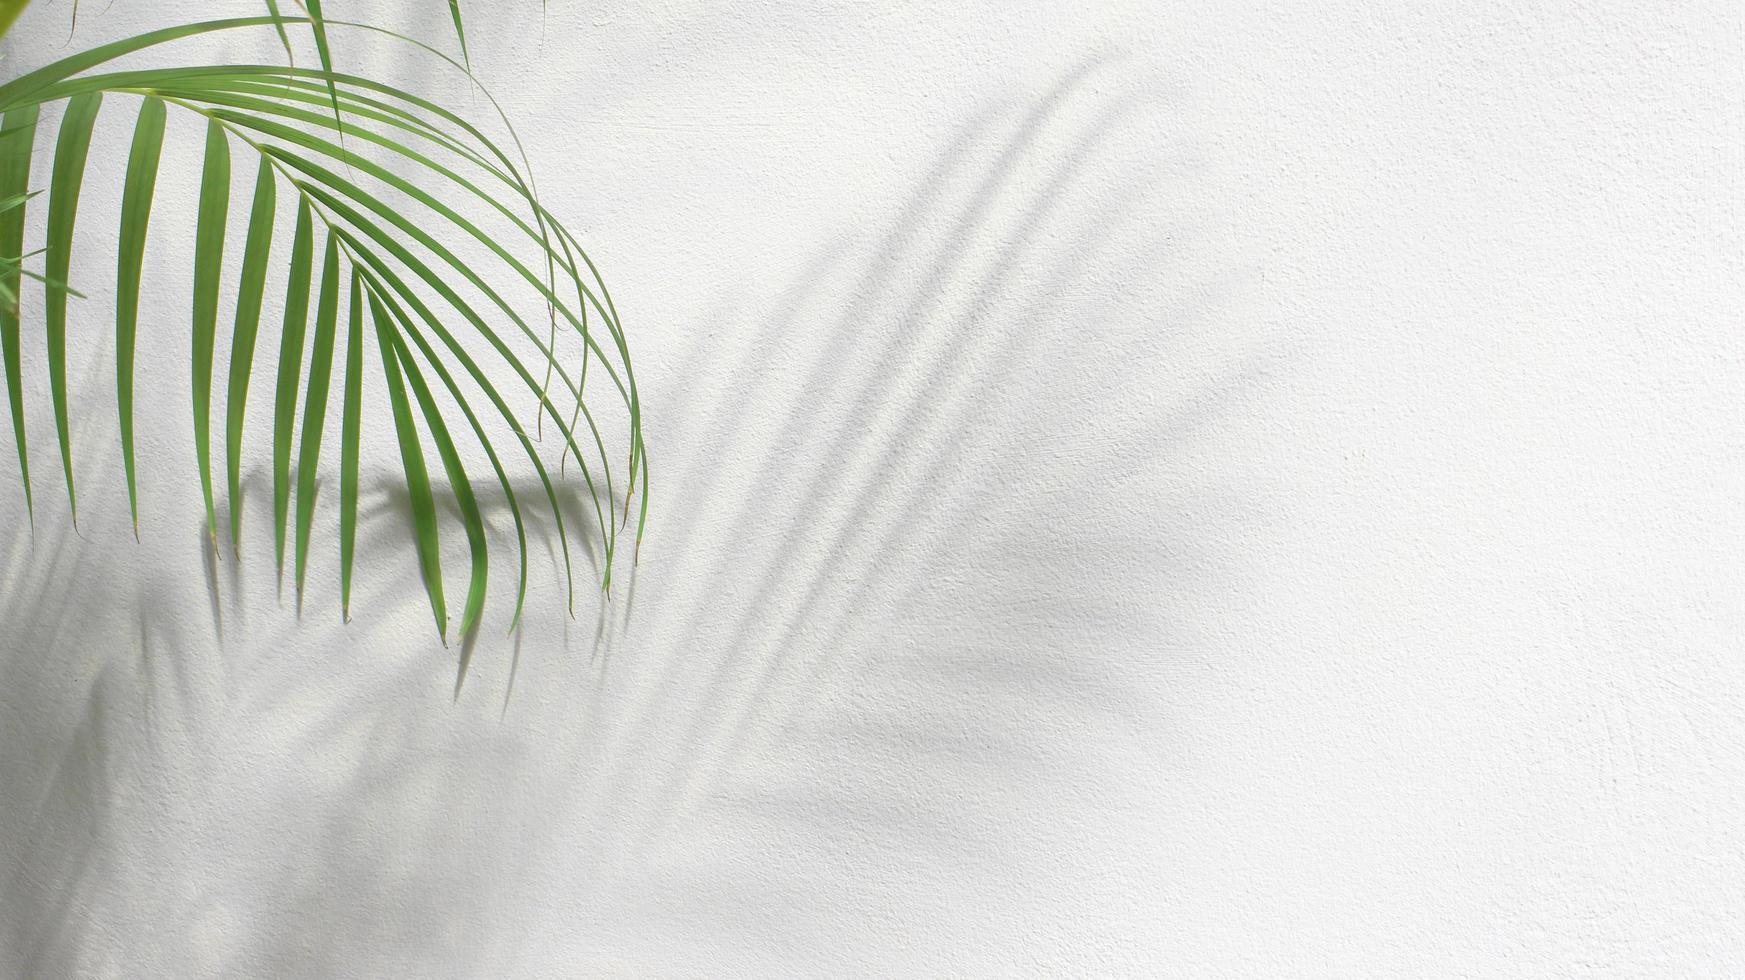 grüne Palmenblätter mit Schatten auf weißem Hintergrund foto